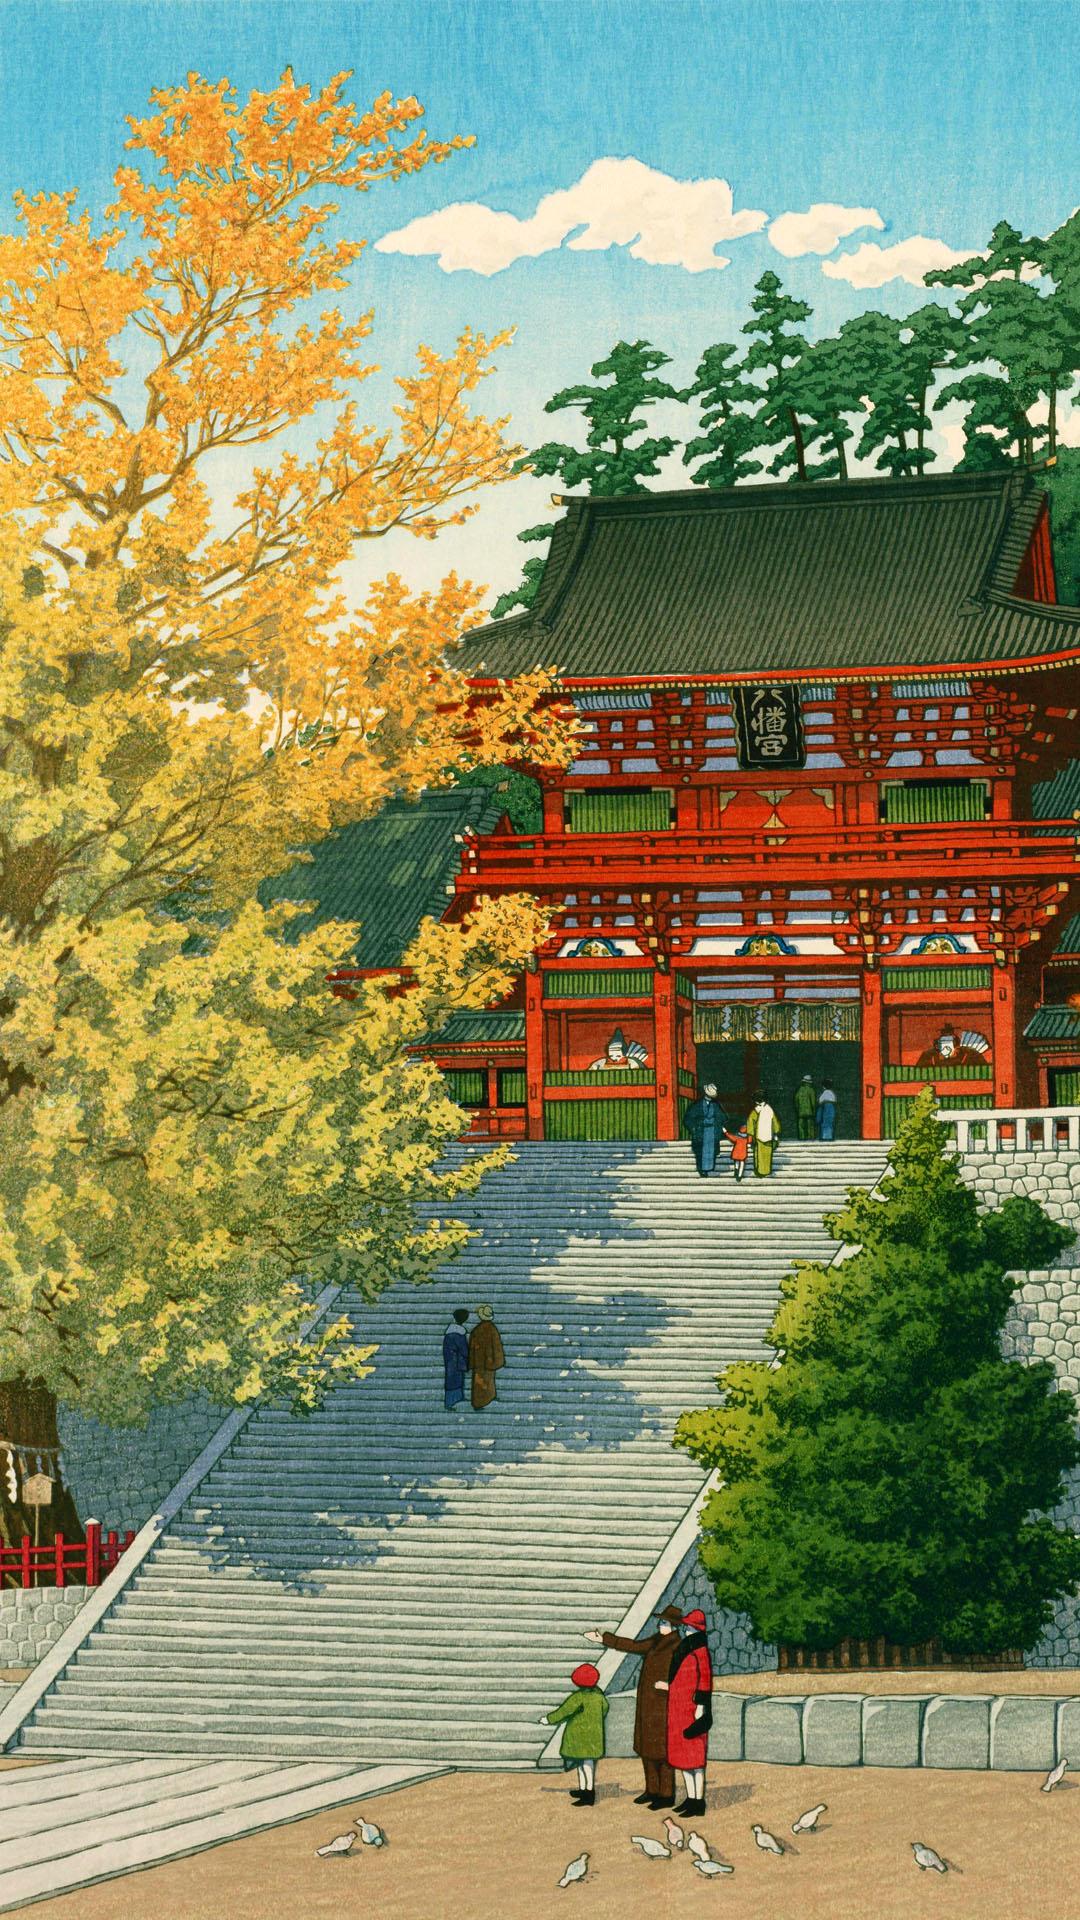 Kawase Hasui - Tsuruoka hachimangu 1080x1920